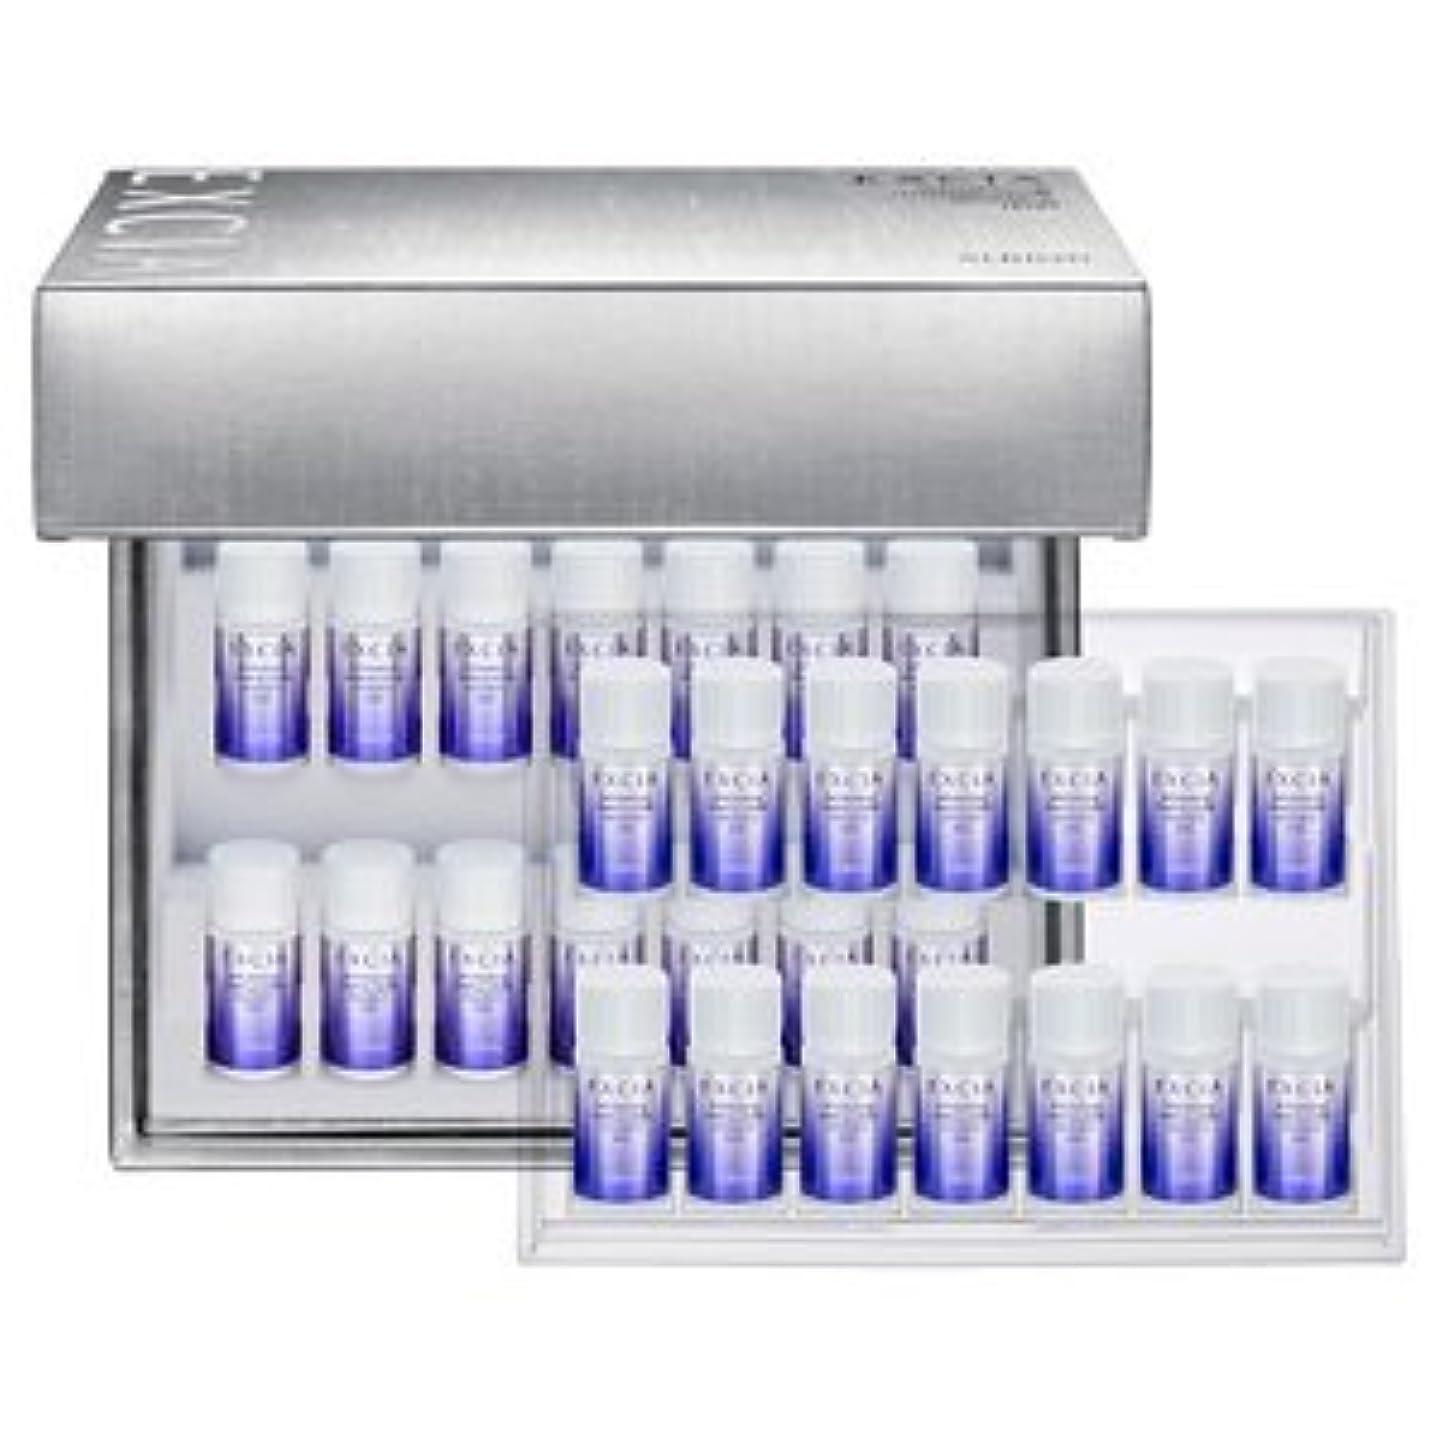 純粋にモットーピニオンアルビオン エクシア AL ホワイトニング イマキュレート エッセンス IDD 1.5ml×28個